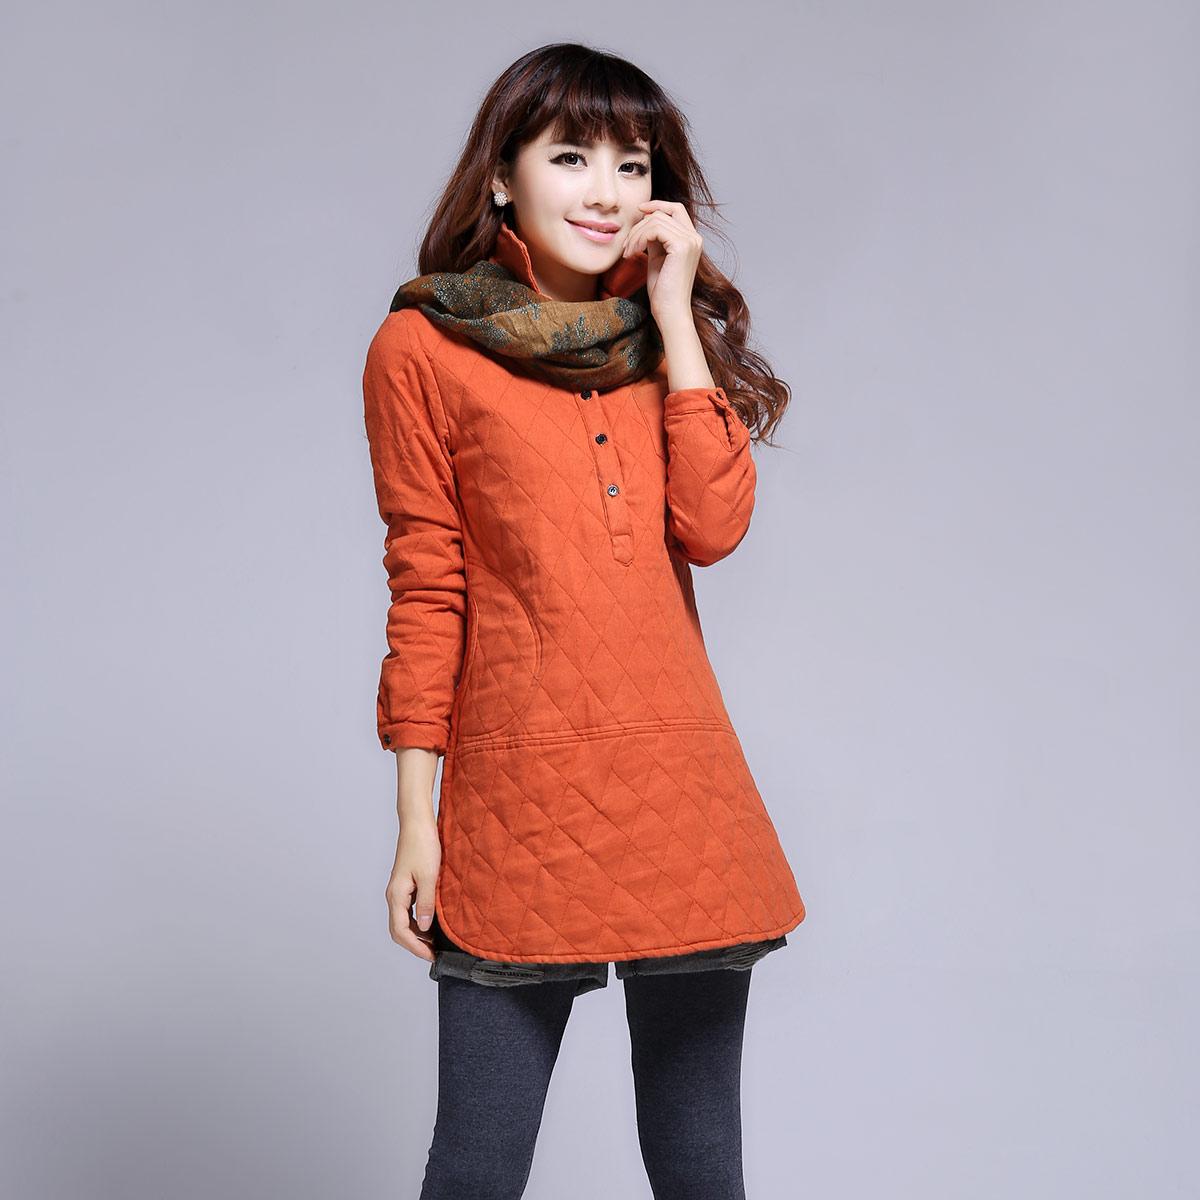 Женская утепленная куртка 2013 Зимняя новые длинные женские рубашки в корейской версии рубашка хлопок тонкий вскользь цветом рубашка Облегающий покрой Длинный рукав Зима 2013